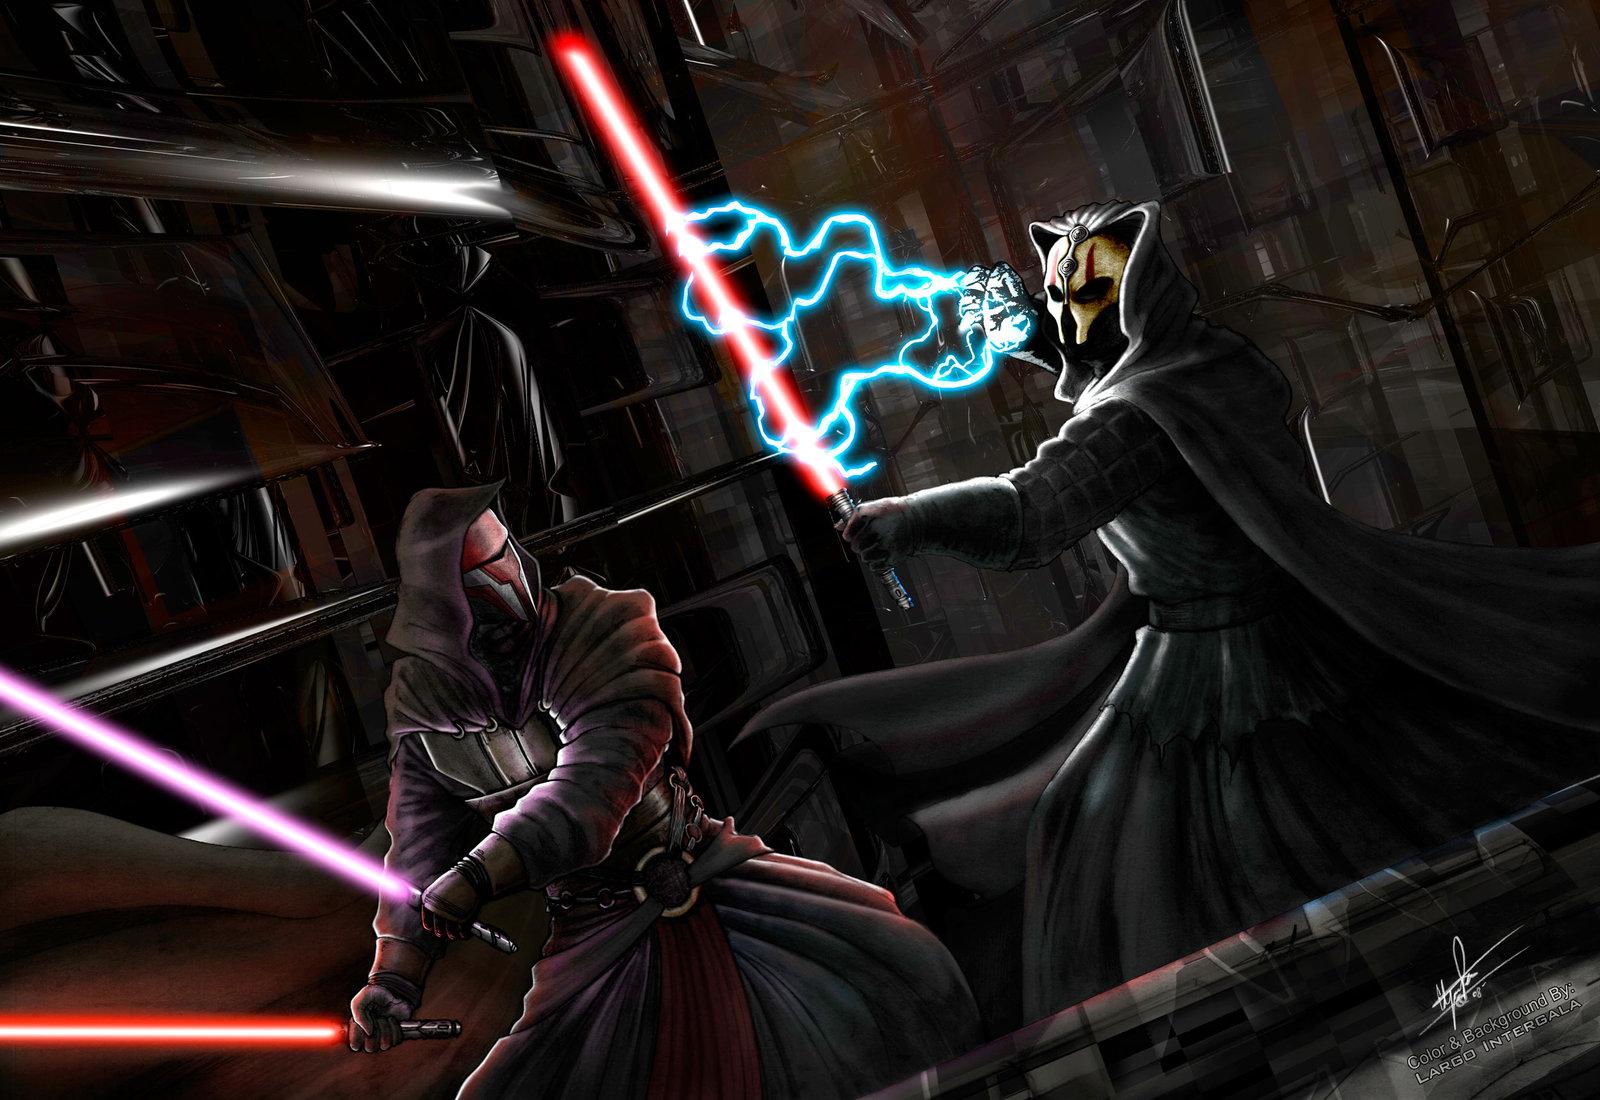 54 Wallpapers Star Wars Hd Variados , Fondos De Pantalla - Star Wars Epic Sith , HD Wallpaper & Backgrounds